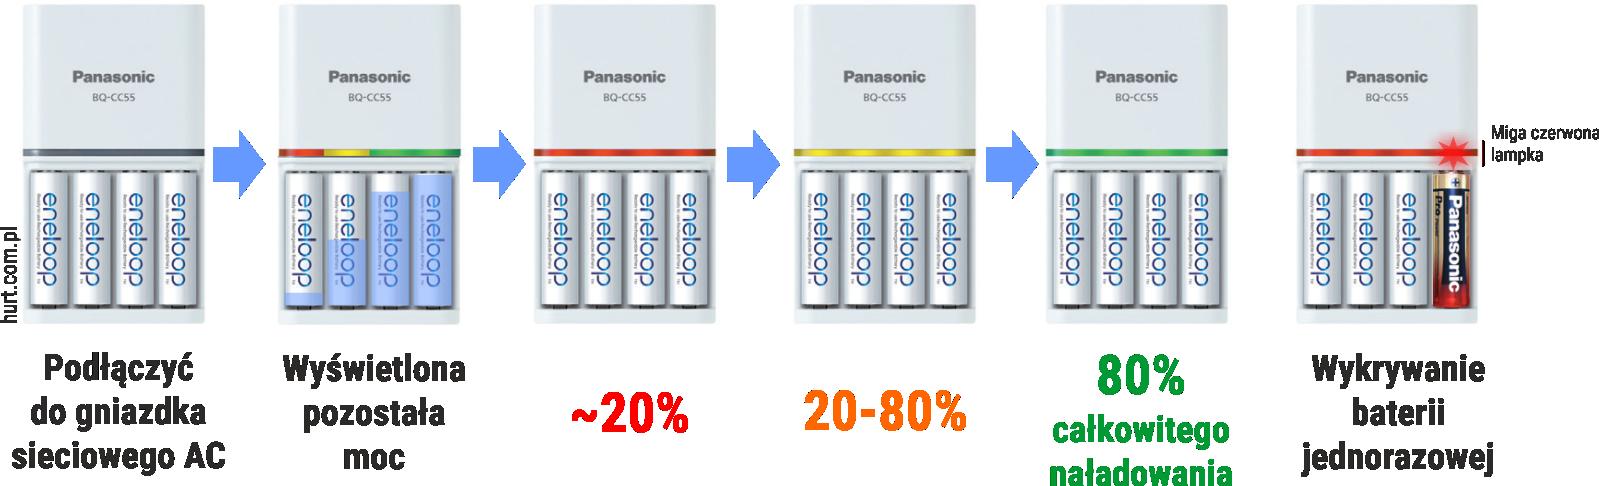 Działanie LED w ładowarce BQ-CC%%E